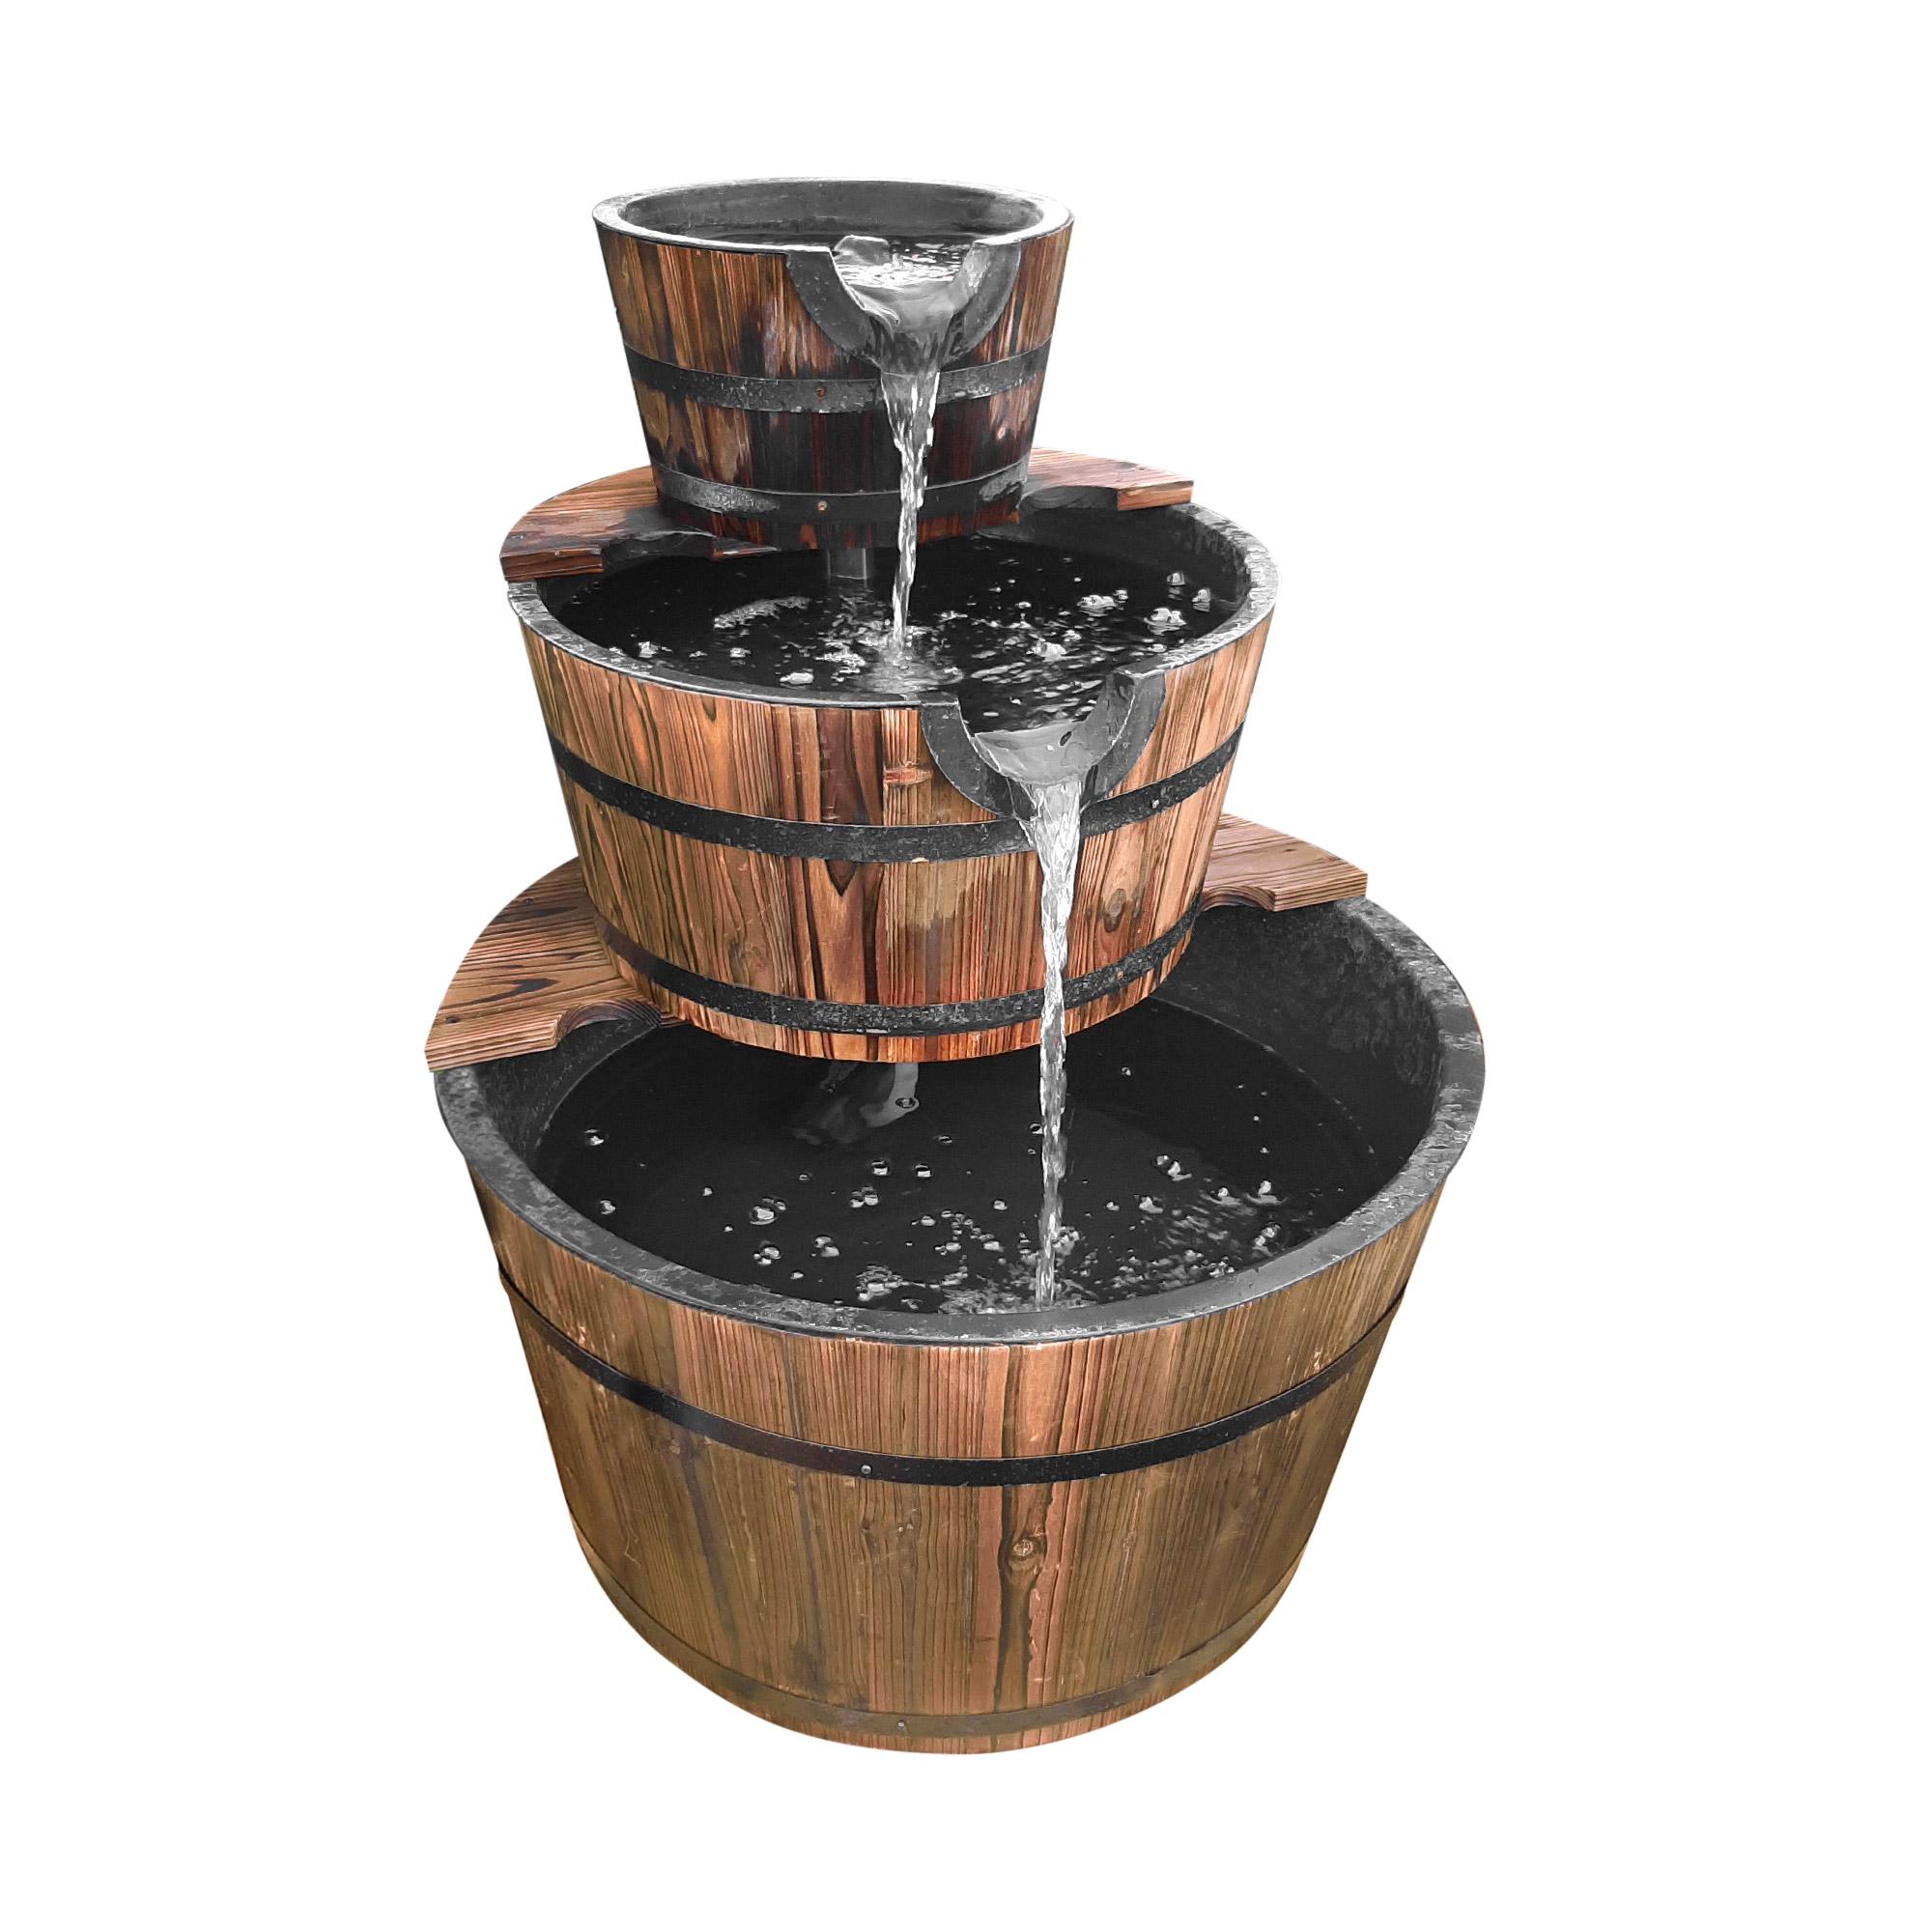 Фонтан деревянный Da sen lin д60х76см